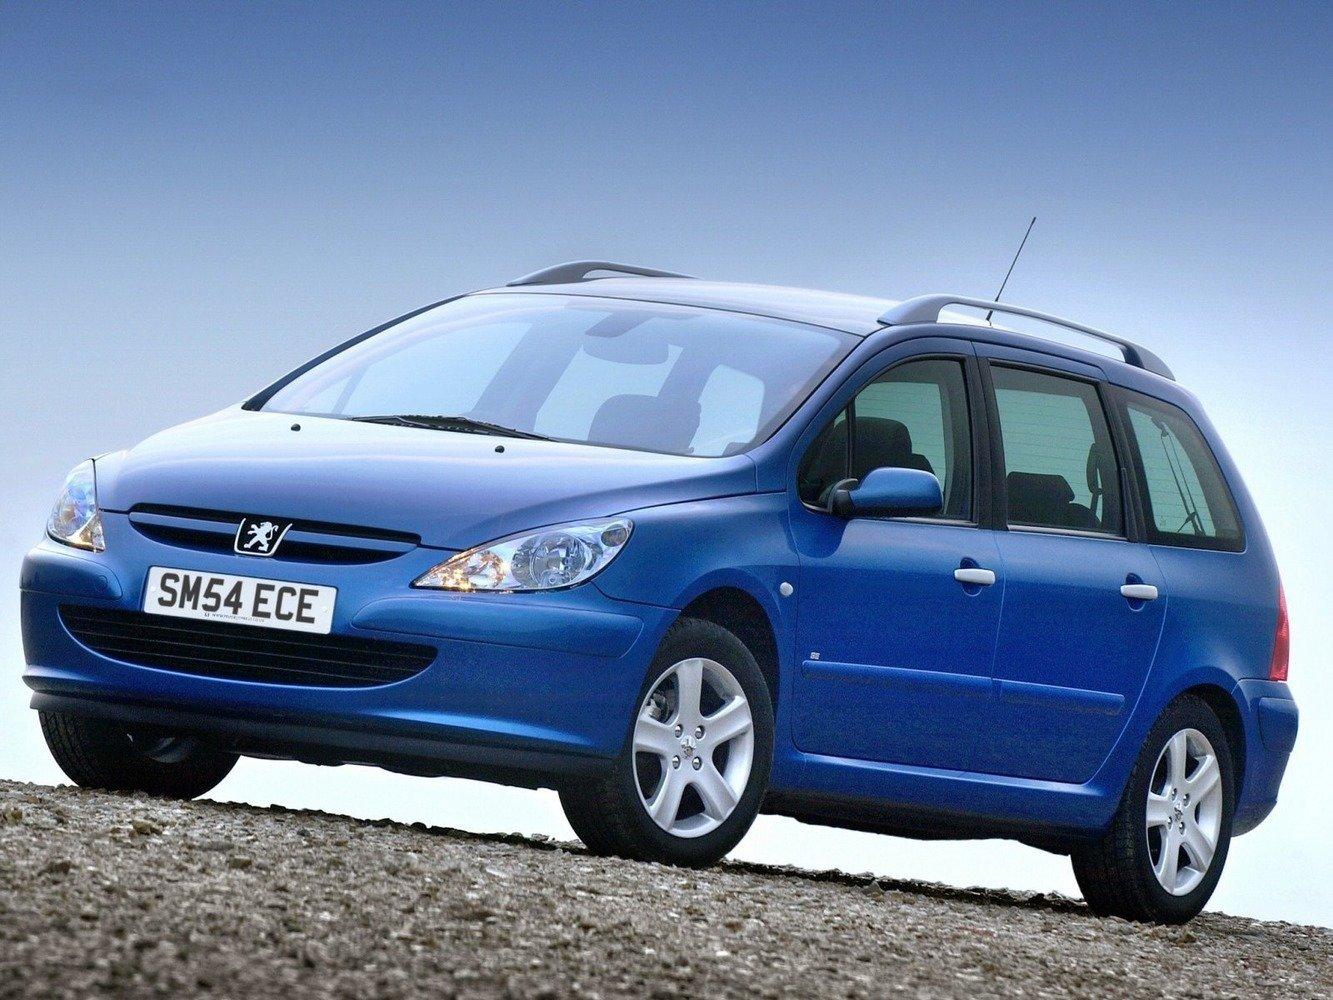 Peugeot 307 1.6i ME7.4.4 0261206943 1037353513